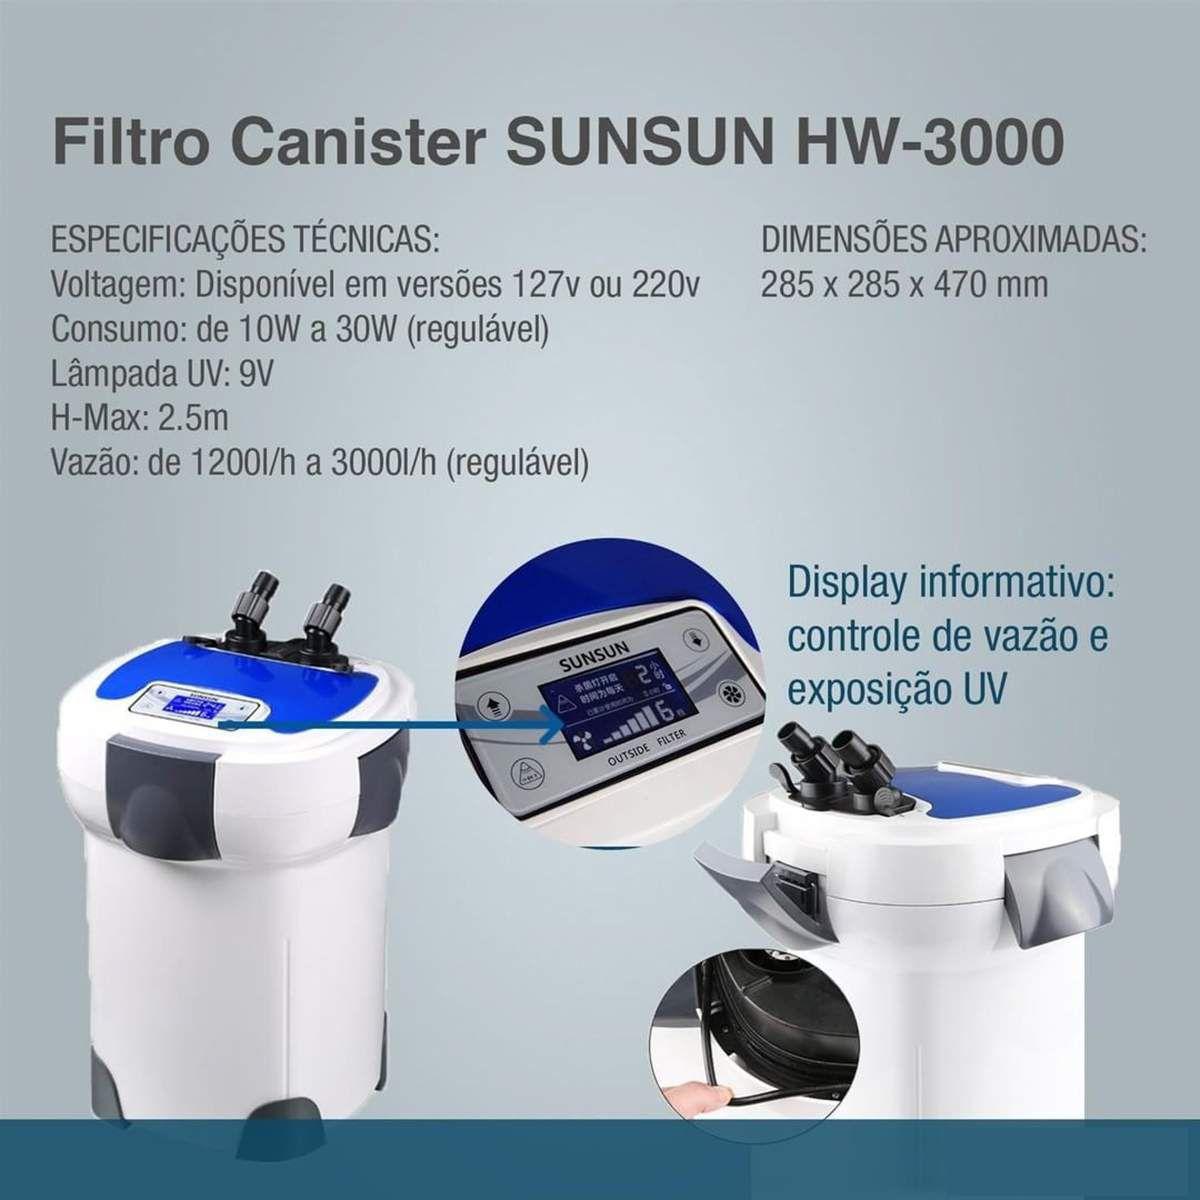 Filtro Canister Sunsun Hw-3000 Uv 1200l/h A 3000l/h 9w